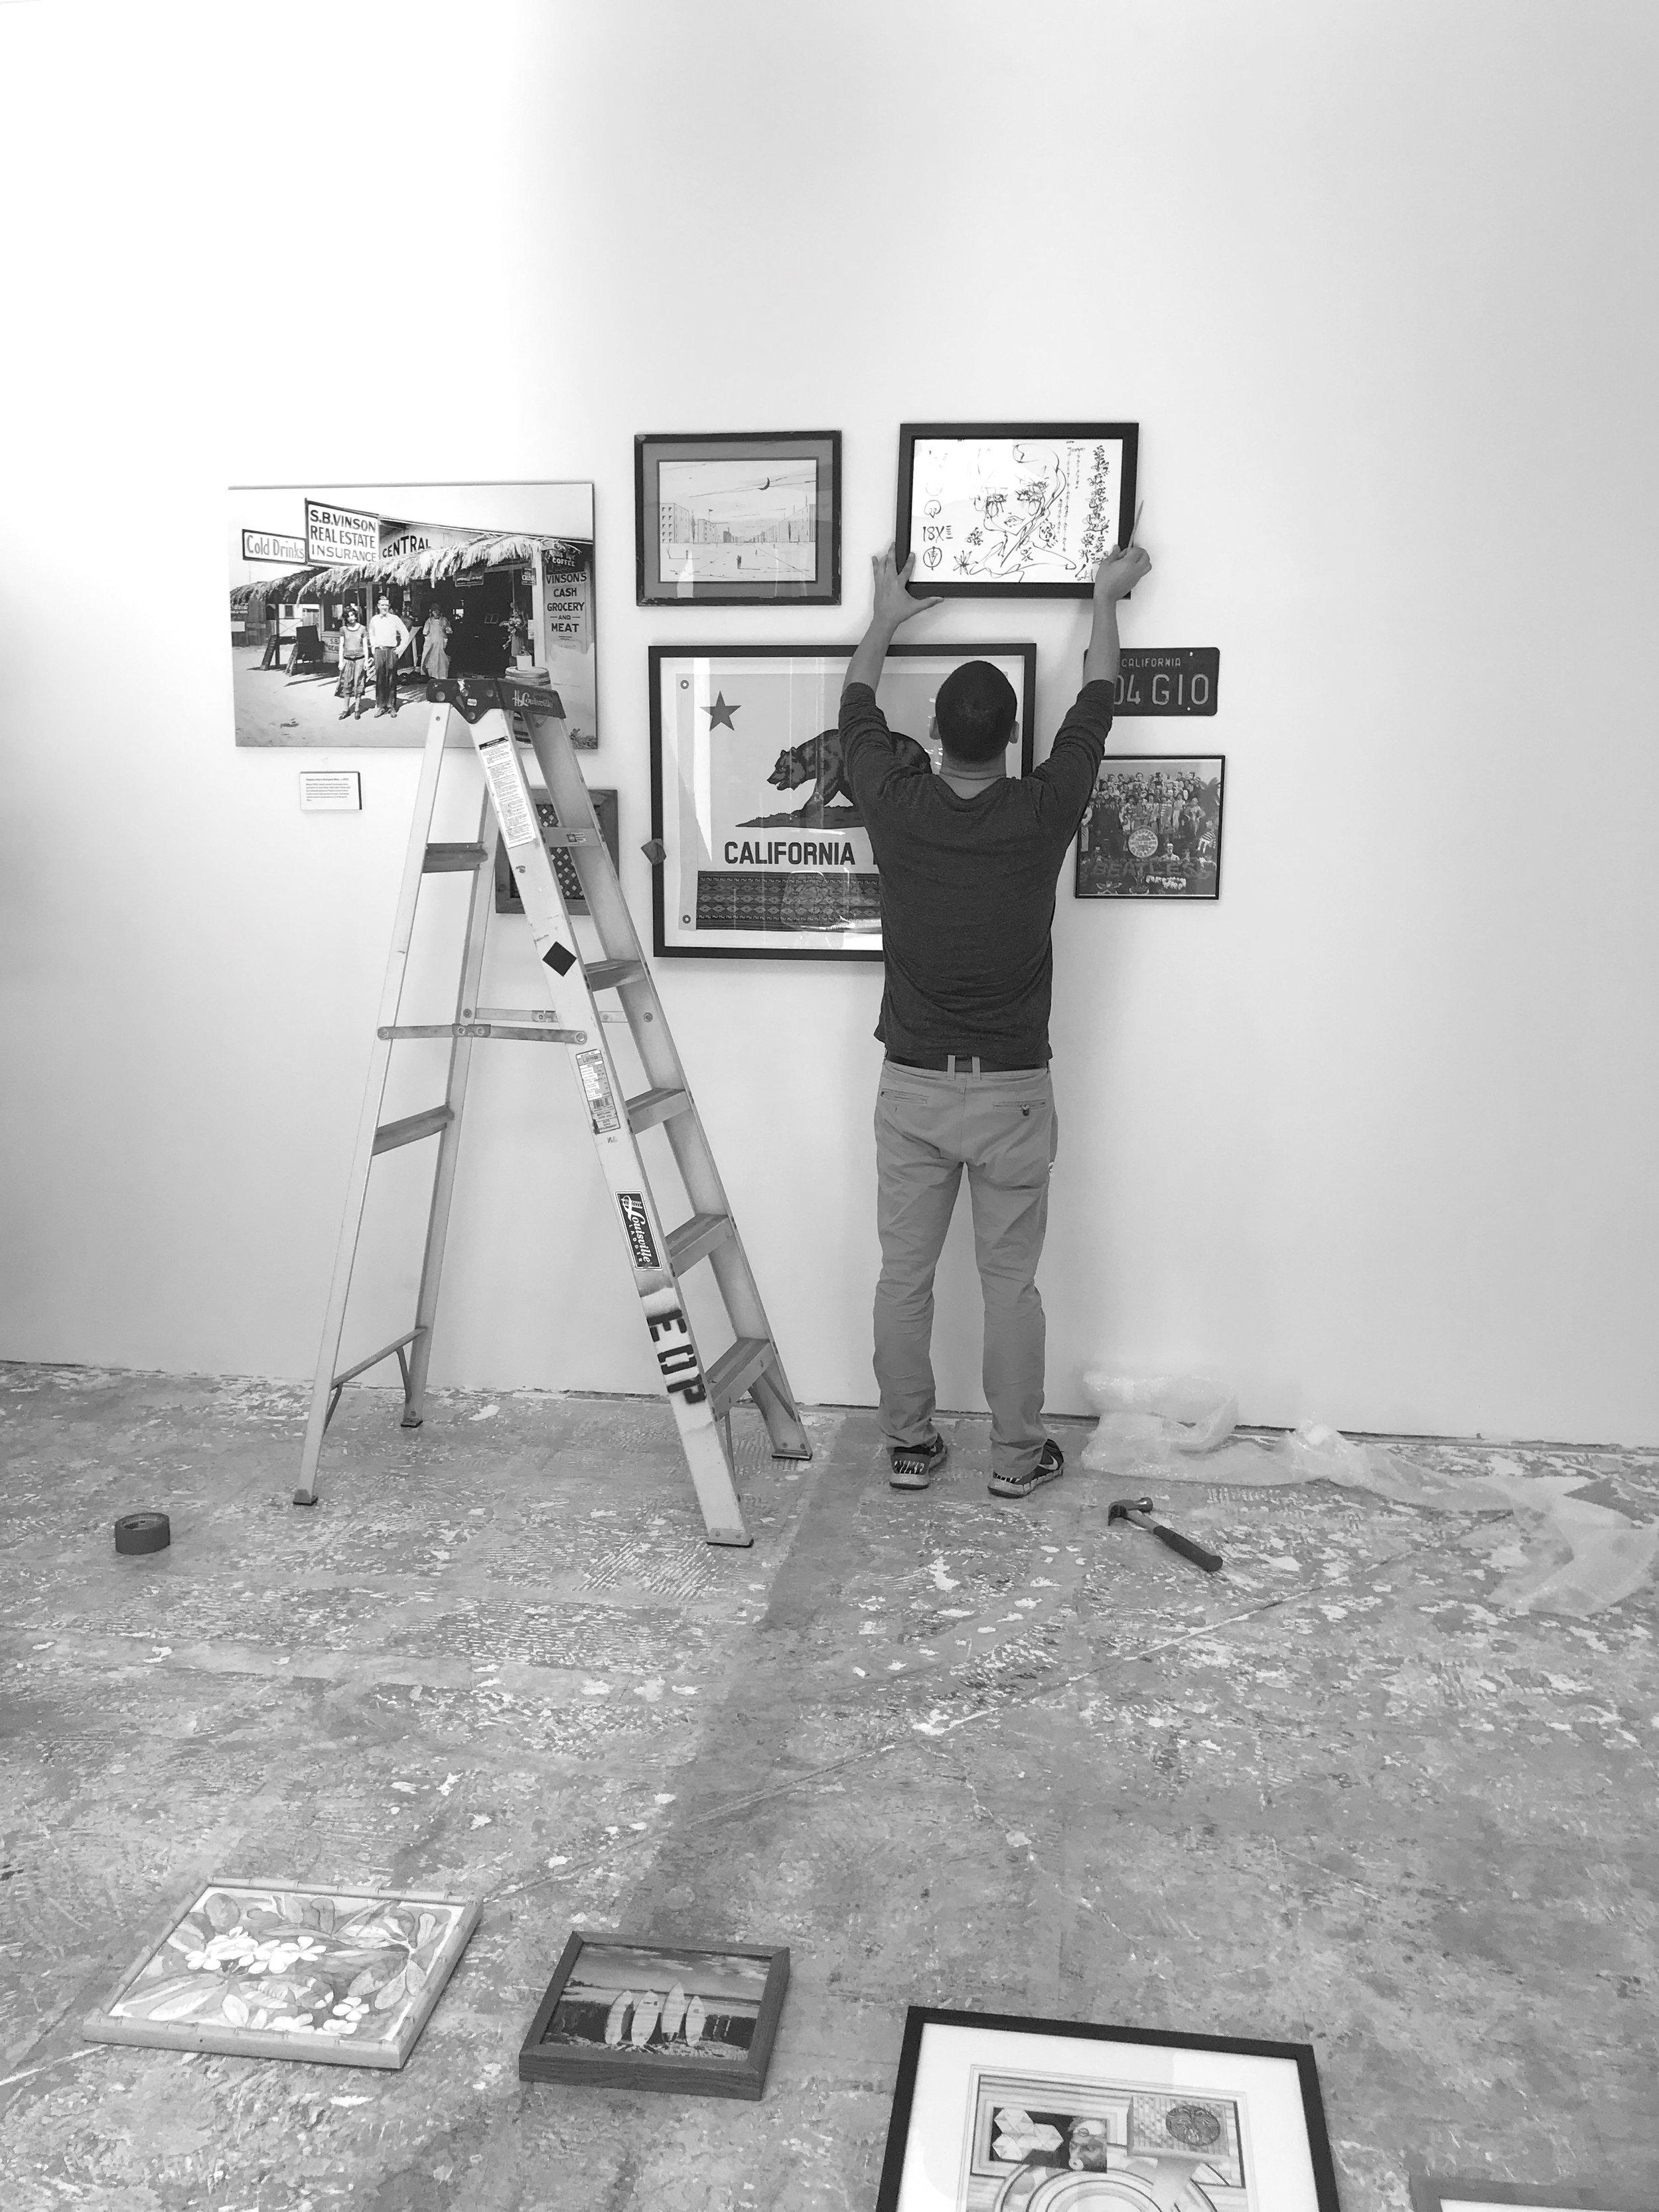 JR. MONROY INK - Art Installation